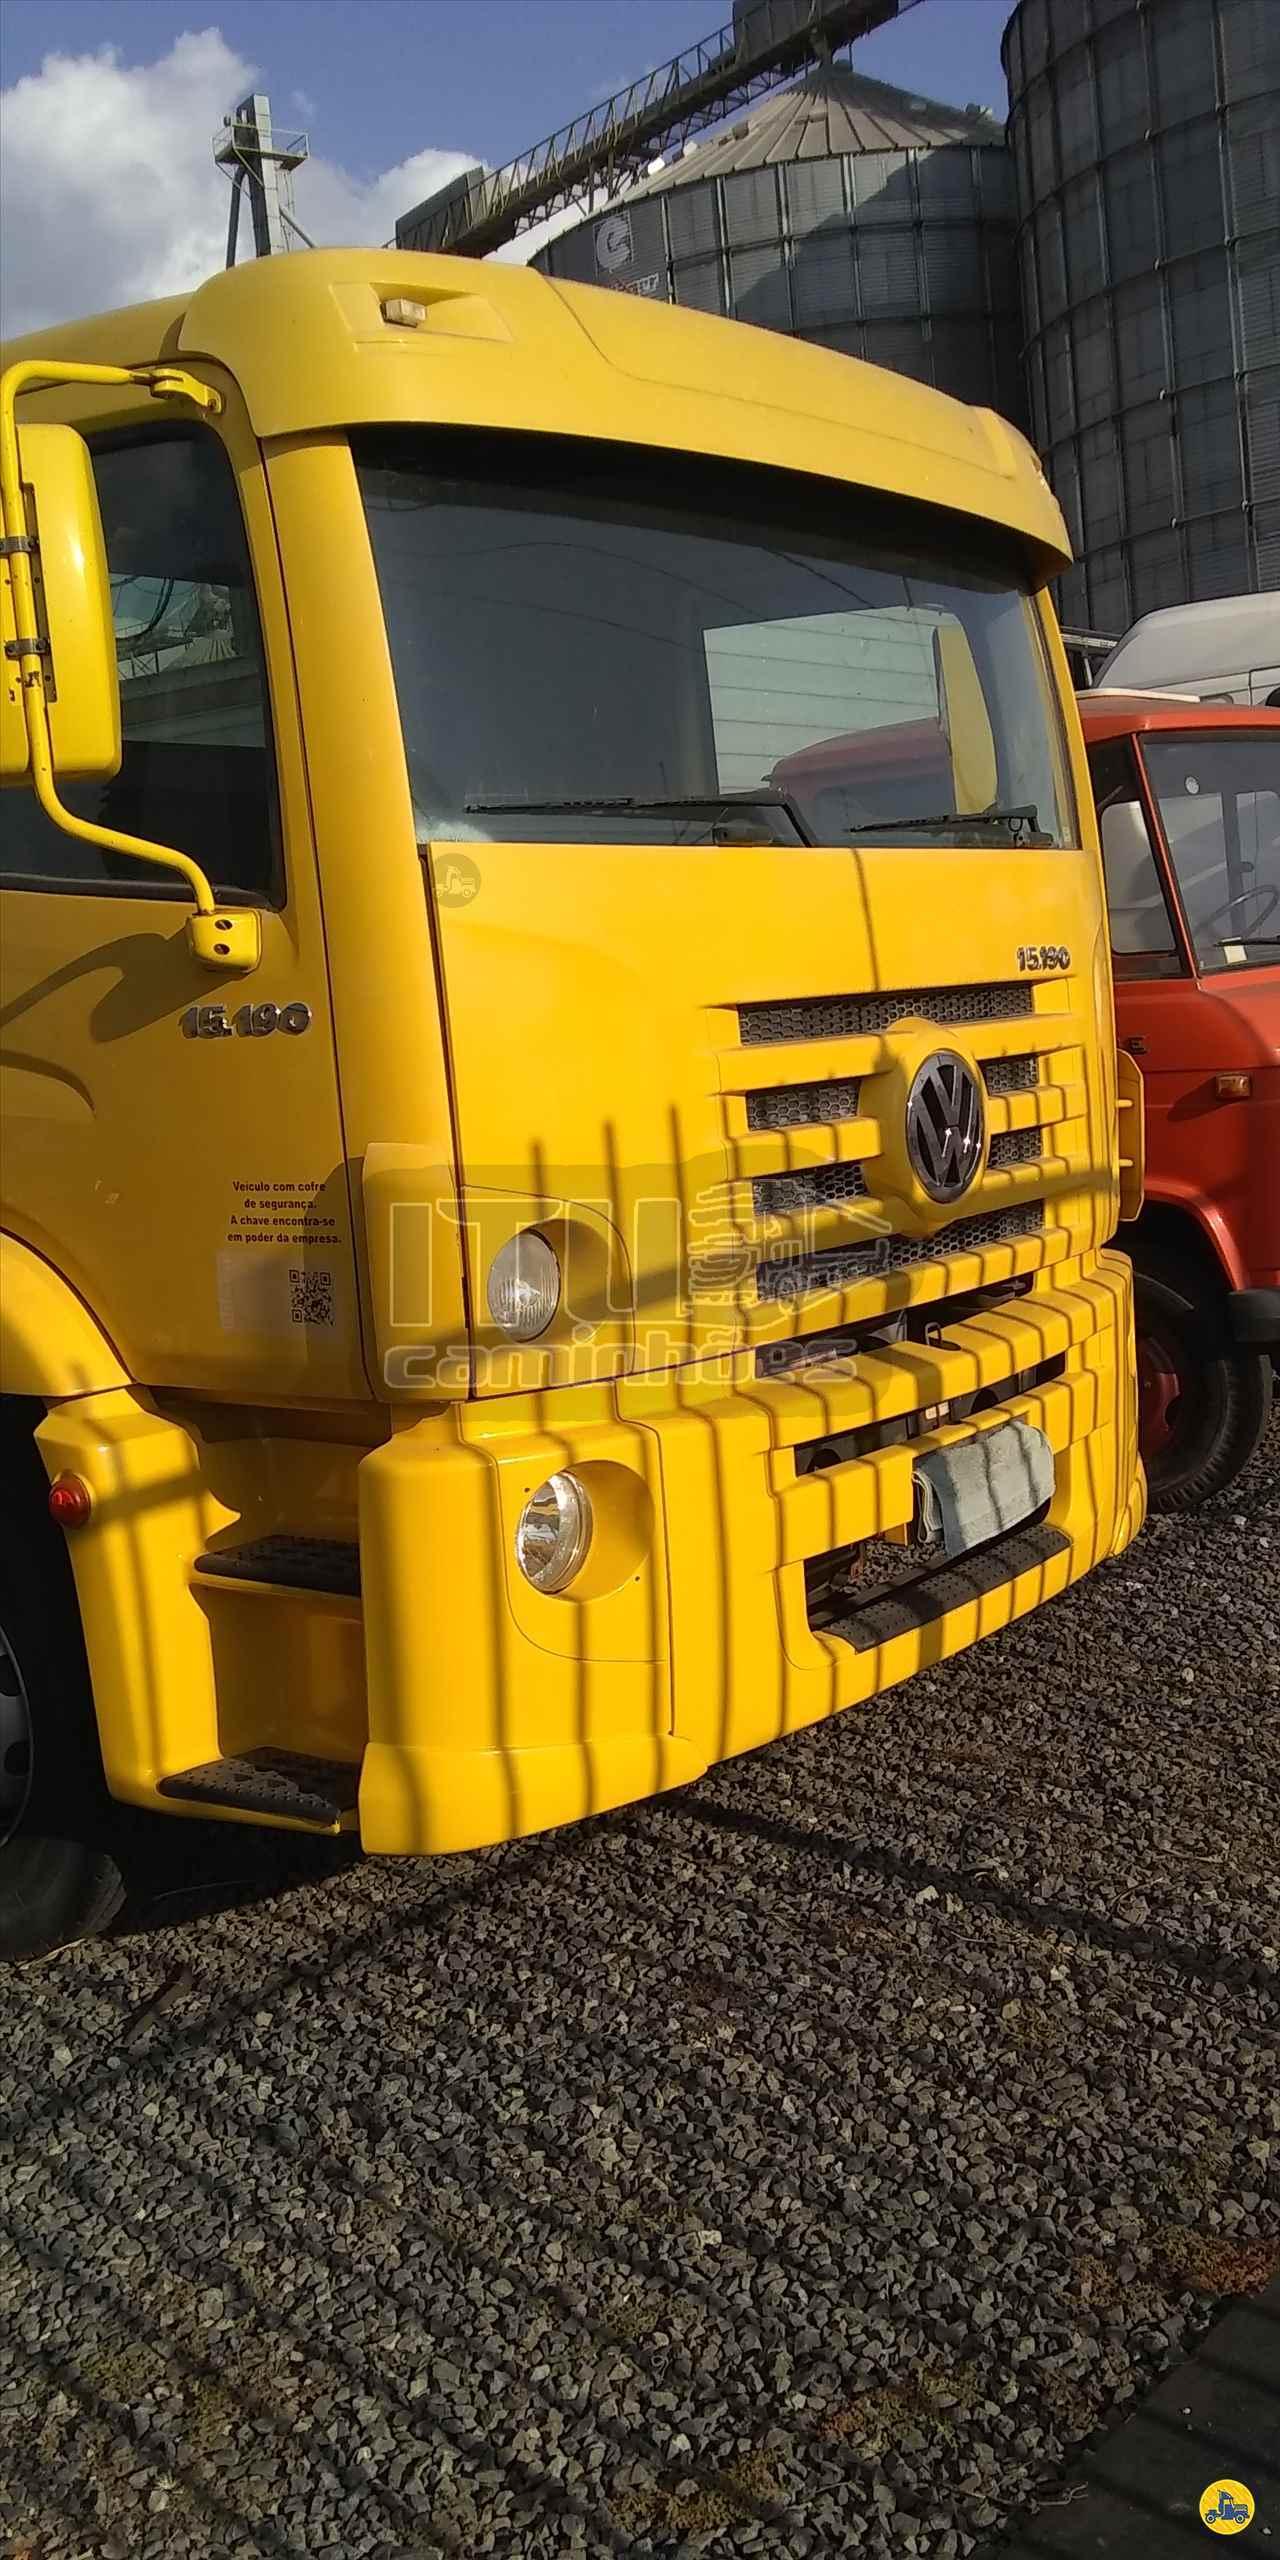 CAMINHAO VOLKSWAGEN VW 15190 Chassis Toco 4x2 Itu Caminhoes ITU SÃO PAULO SP